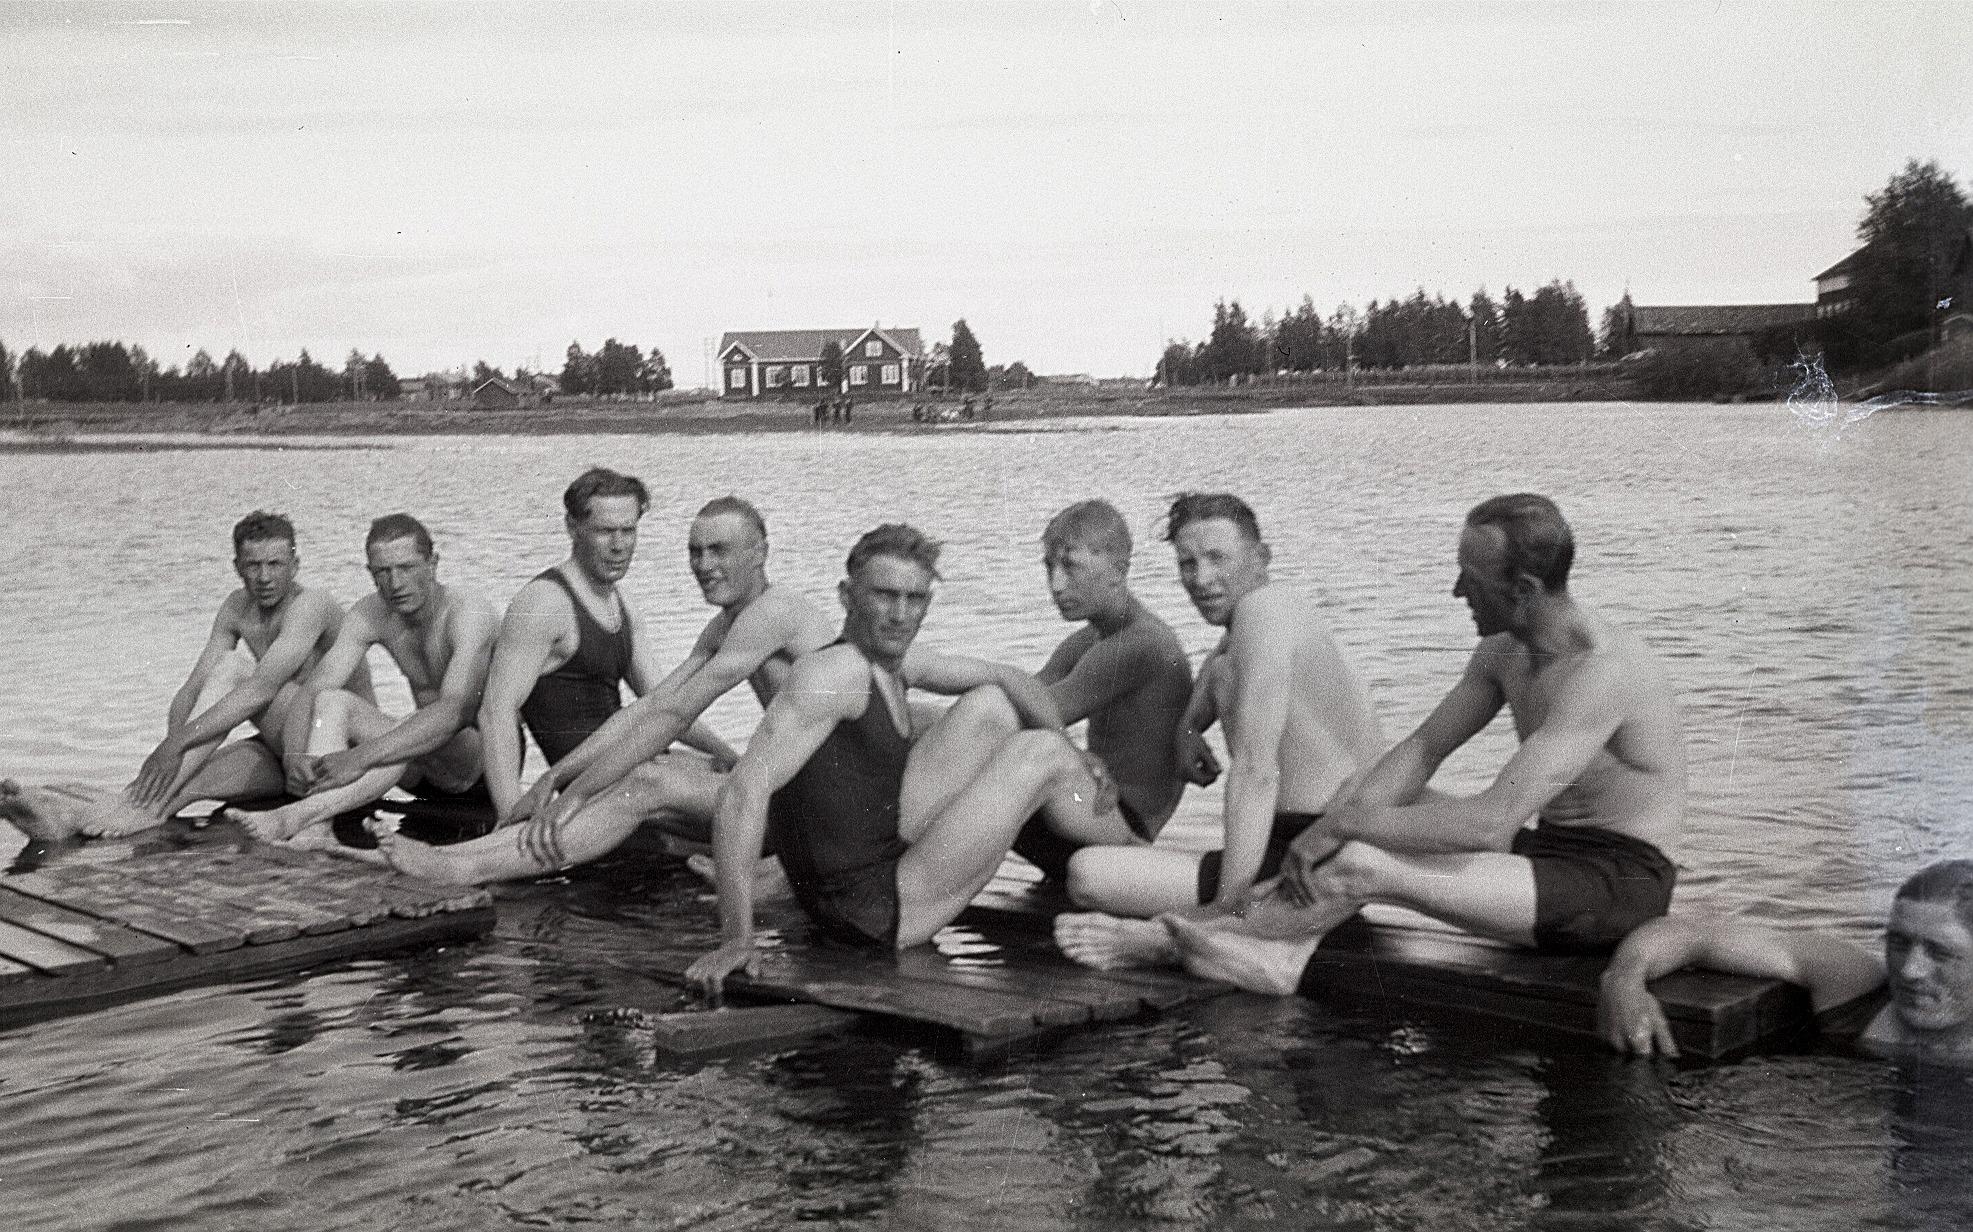 Vid simstationen på norra sidan fanns det en brygga 50 meter ut i ån och där sitter från vänster okänd, Lennart Björses, Lennart Agnäs, Bertel Åstrand, Albert Åstrand, Bruno Jossandt, okänd, okänd och i vattnet Lennart Storhannus.